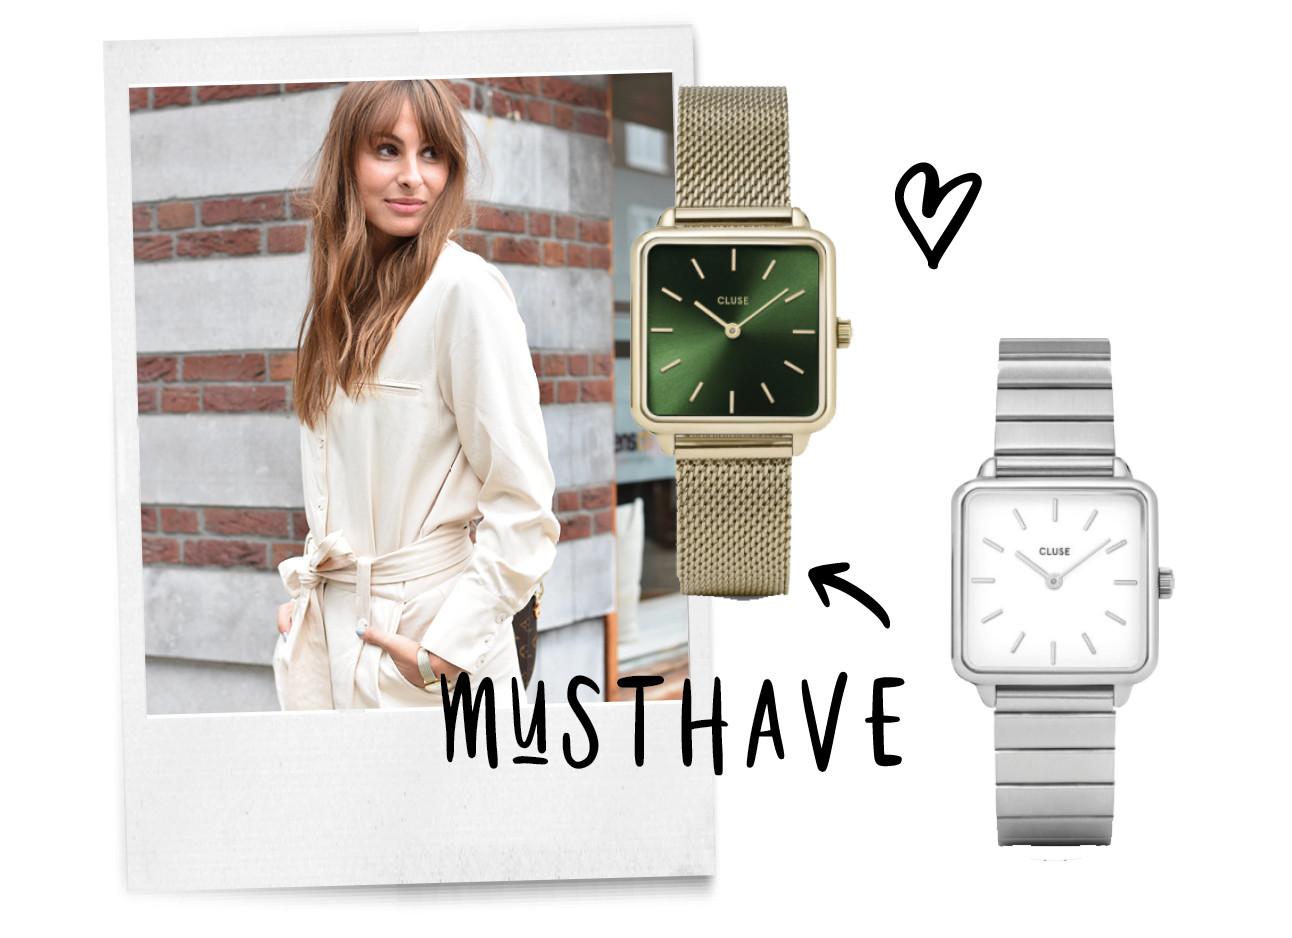 musthave, lilian brijl met cluse horloge, watches, nieuwe collectie